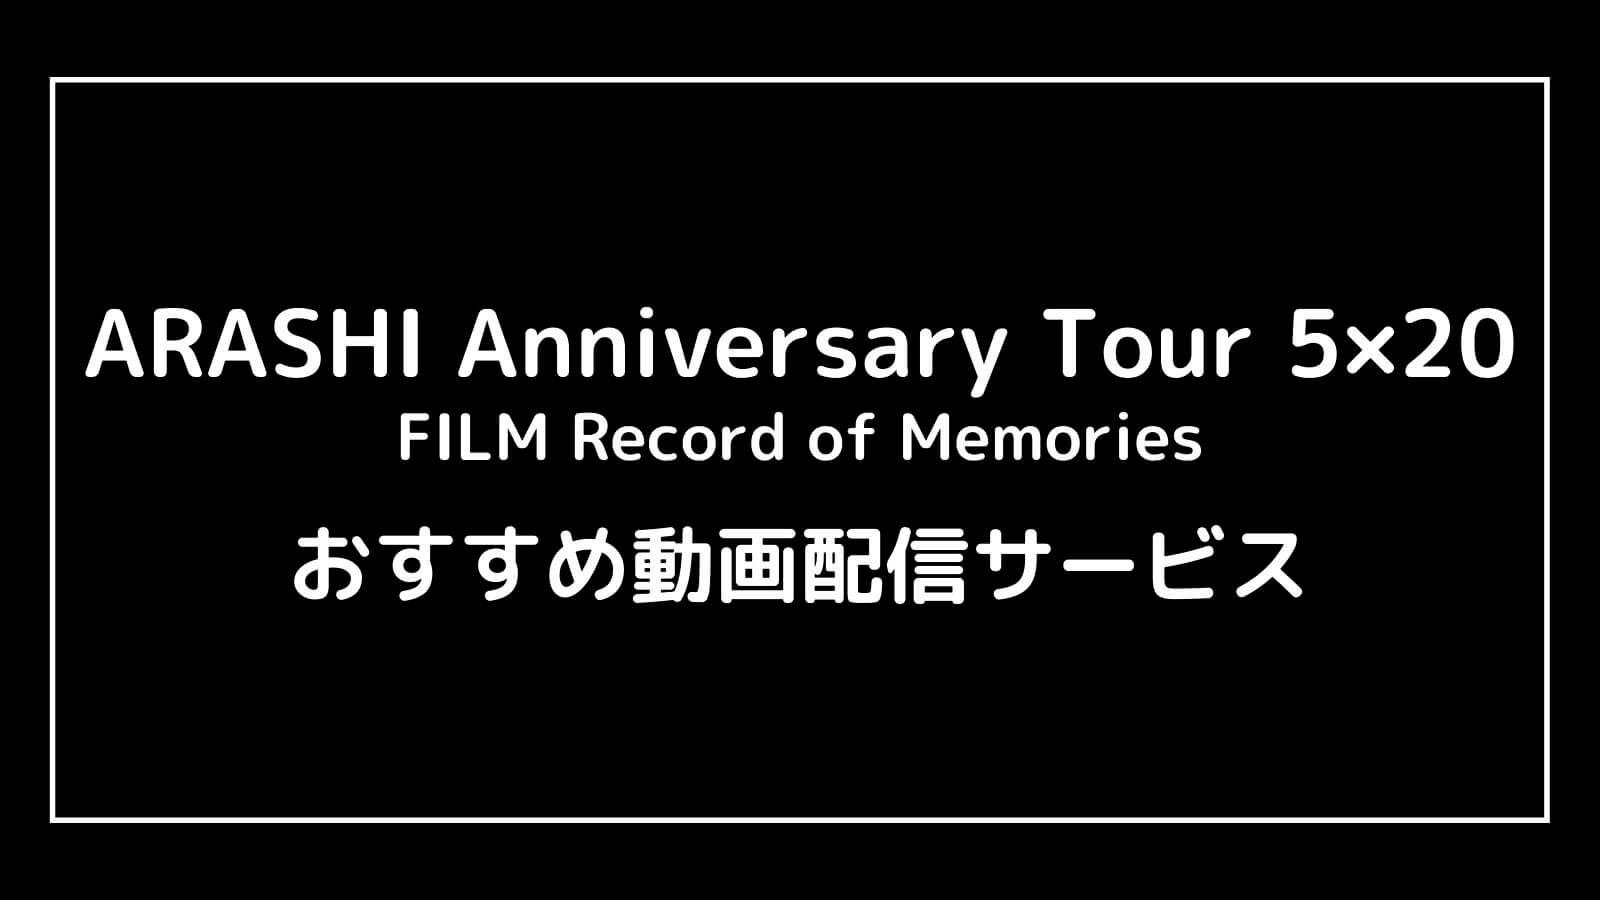 映画『嵐 ARASHI Anniversary Tour 5×20』の動画配信を無料視聴できるサブスク一覧【FILM Record of Memories】